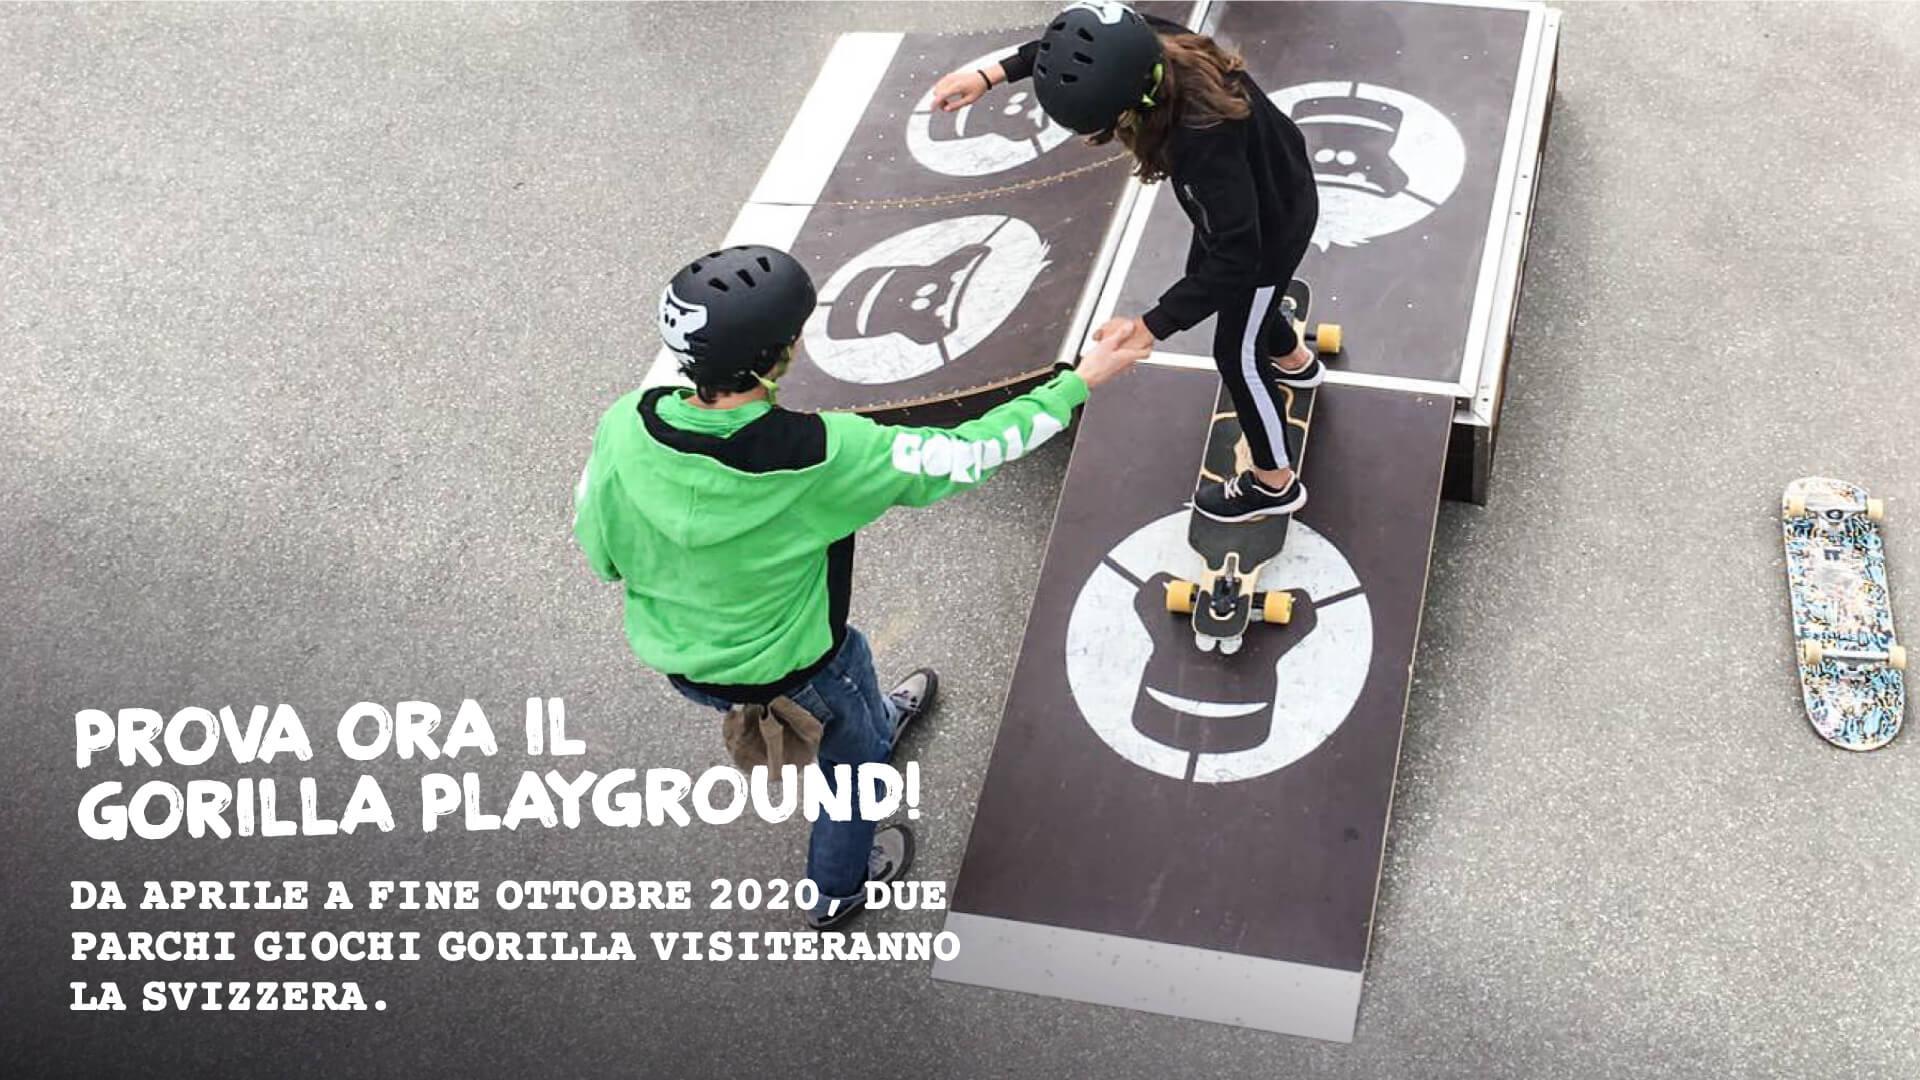 Prova ora il GORILLA Playground